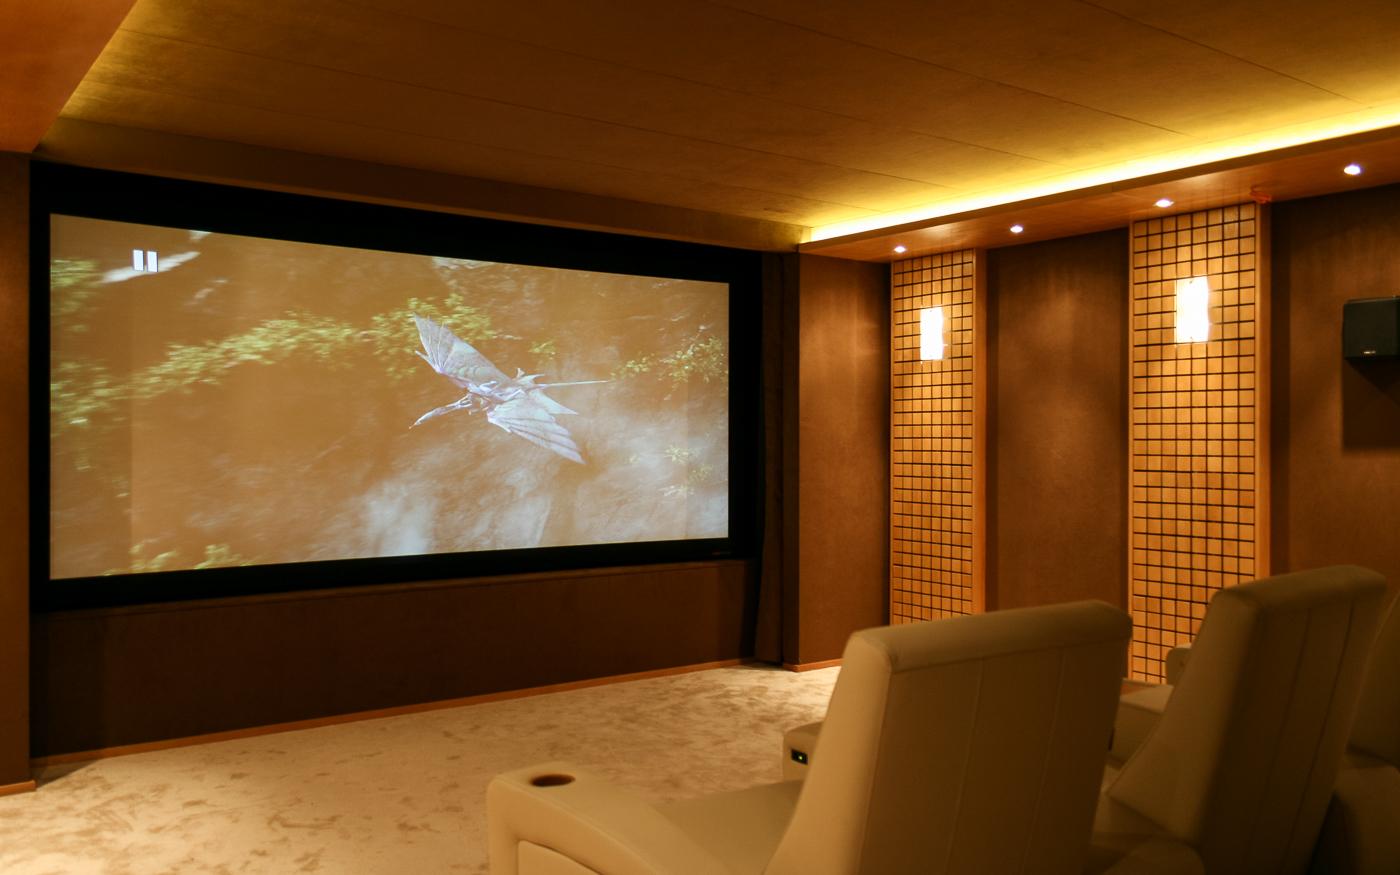 Персональный кинозал с проектором и экраном